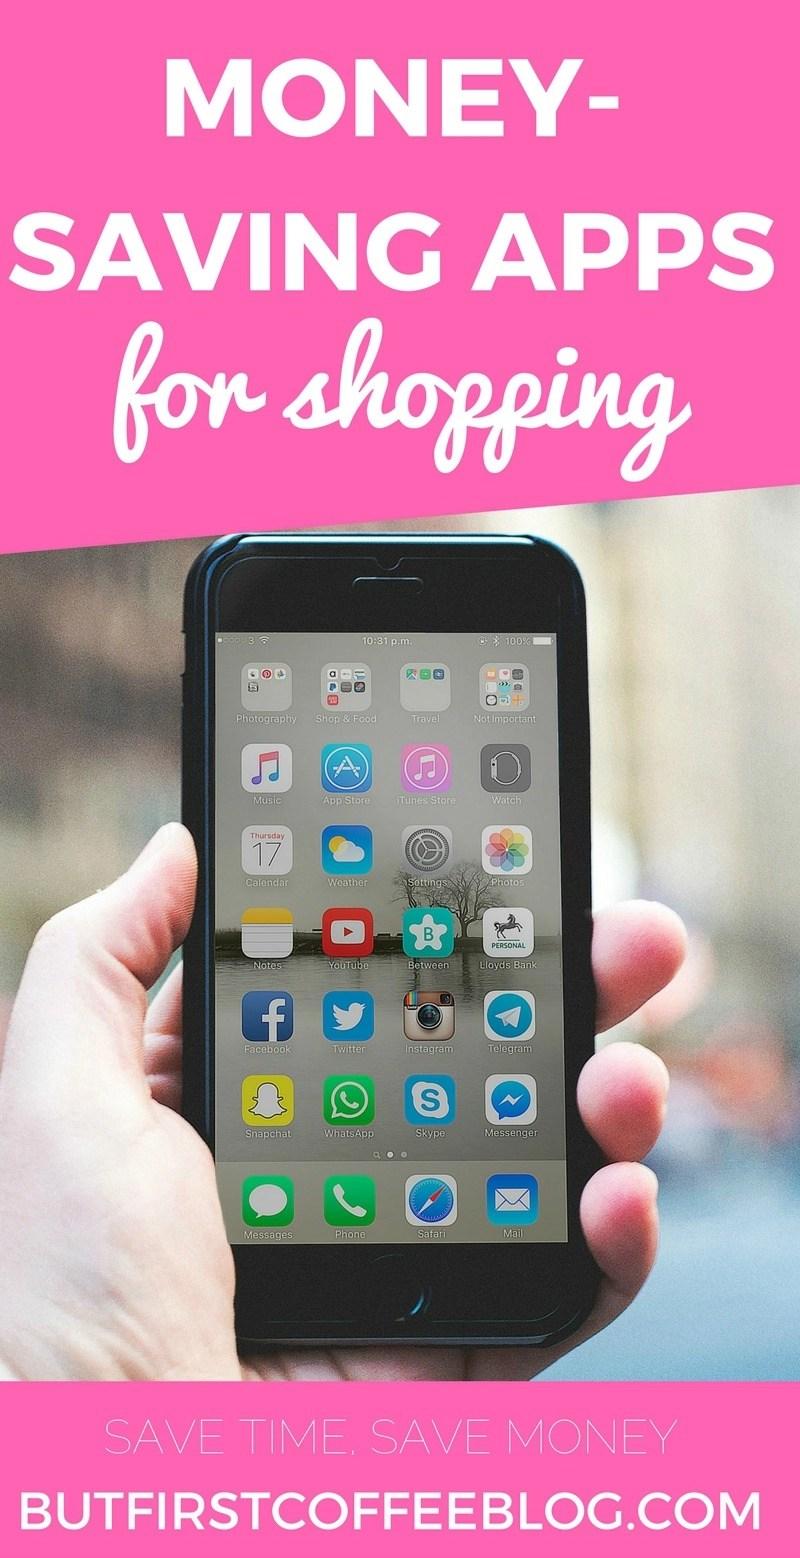 Money Saving Apps for Shopping | Money Shopping Hacks